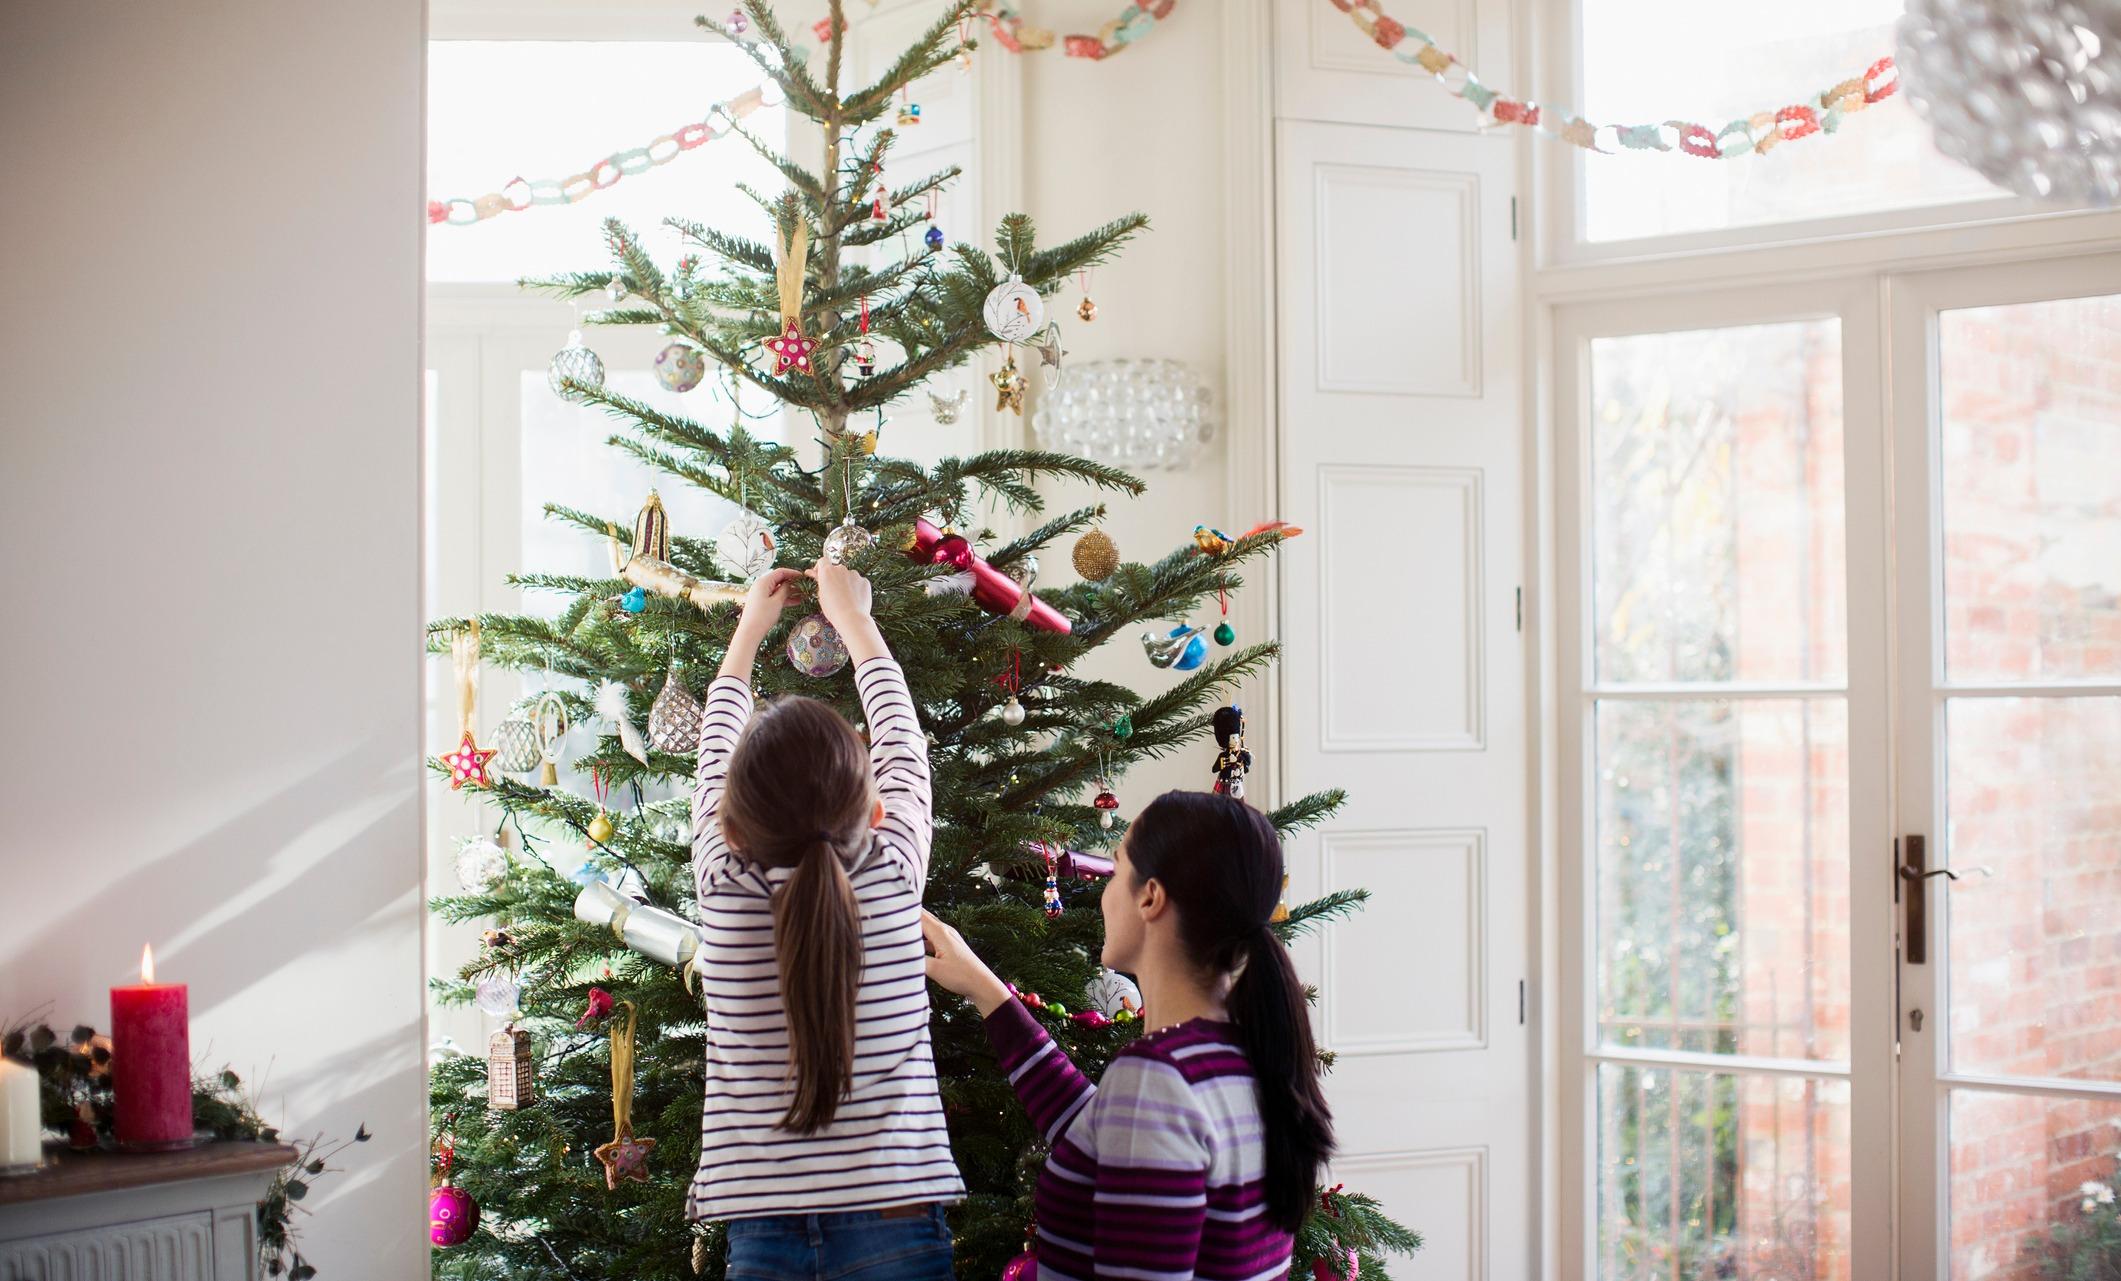 Елка в доме с маленьким ребенком: как поставить и нарядить? / mama66.ru